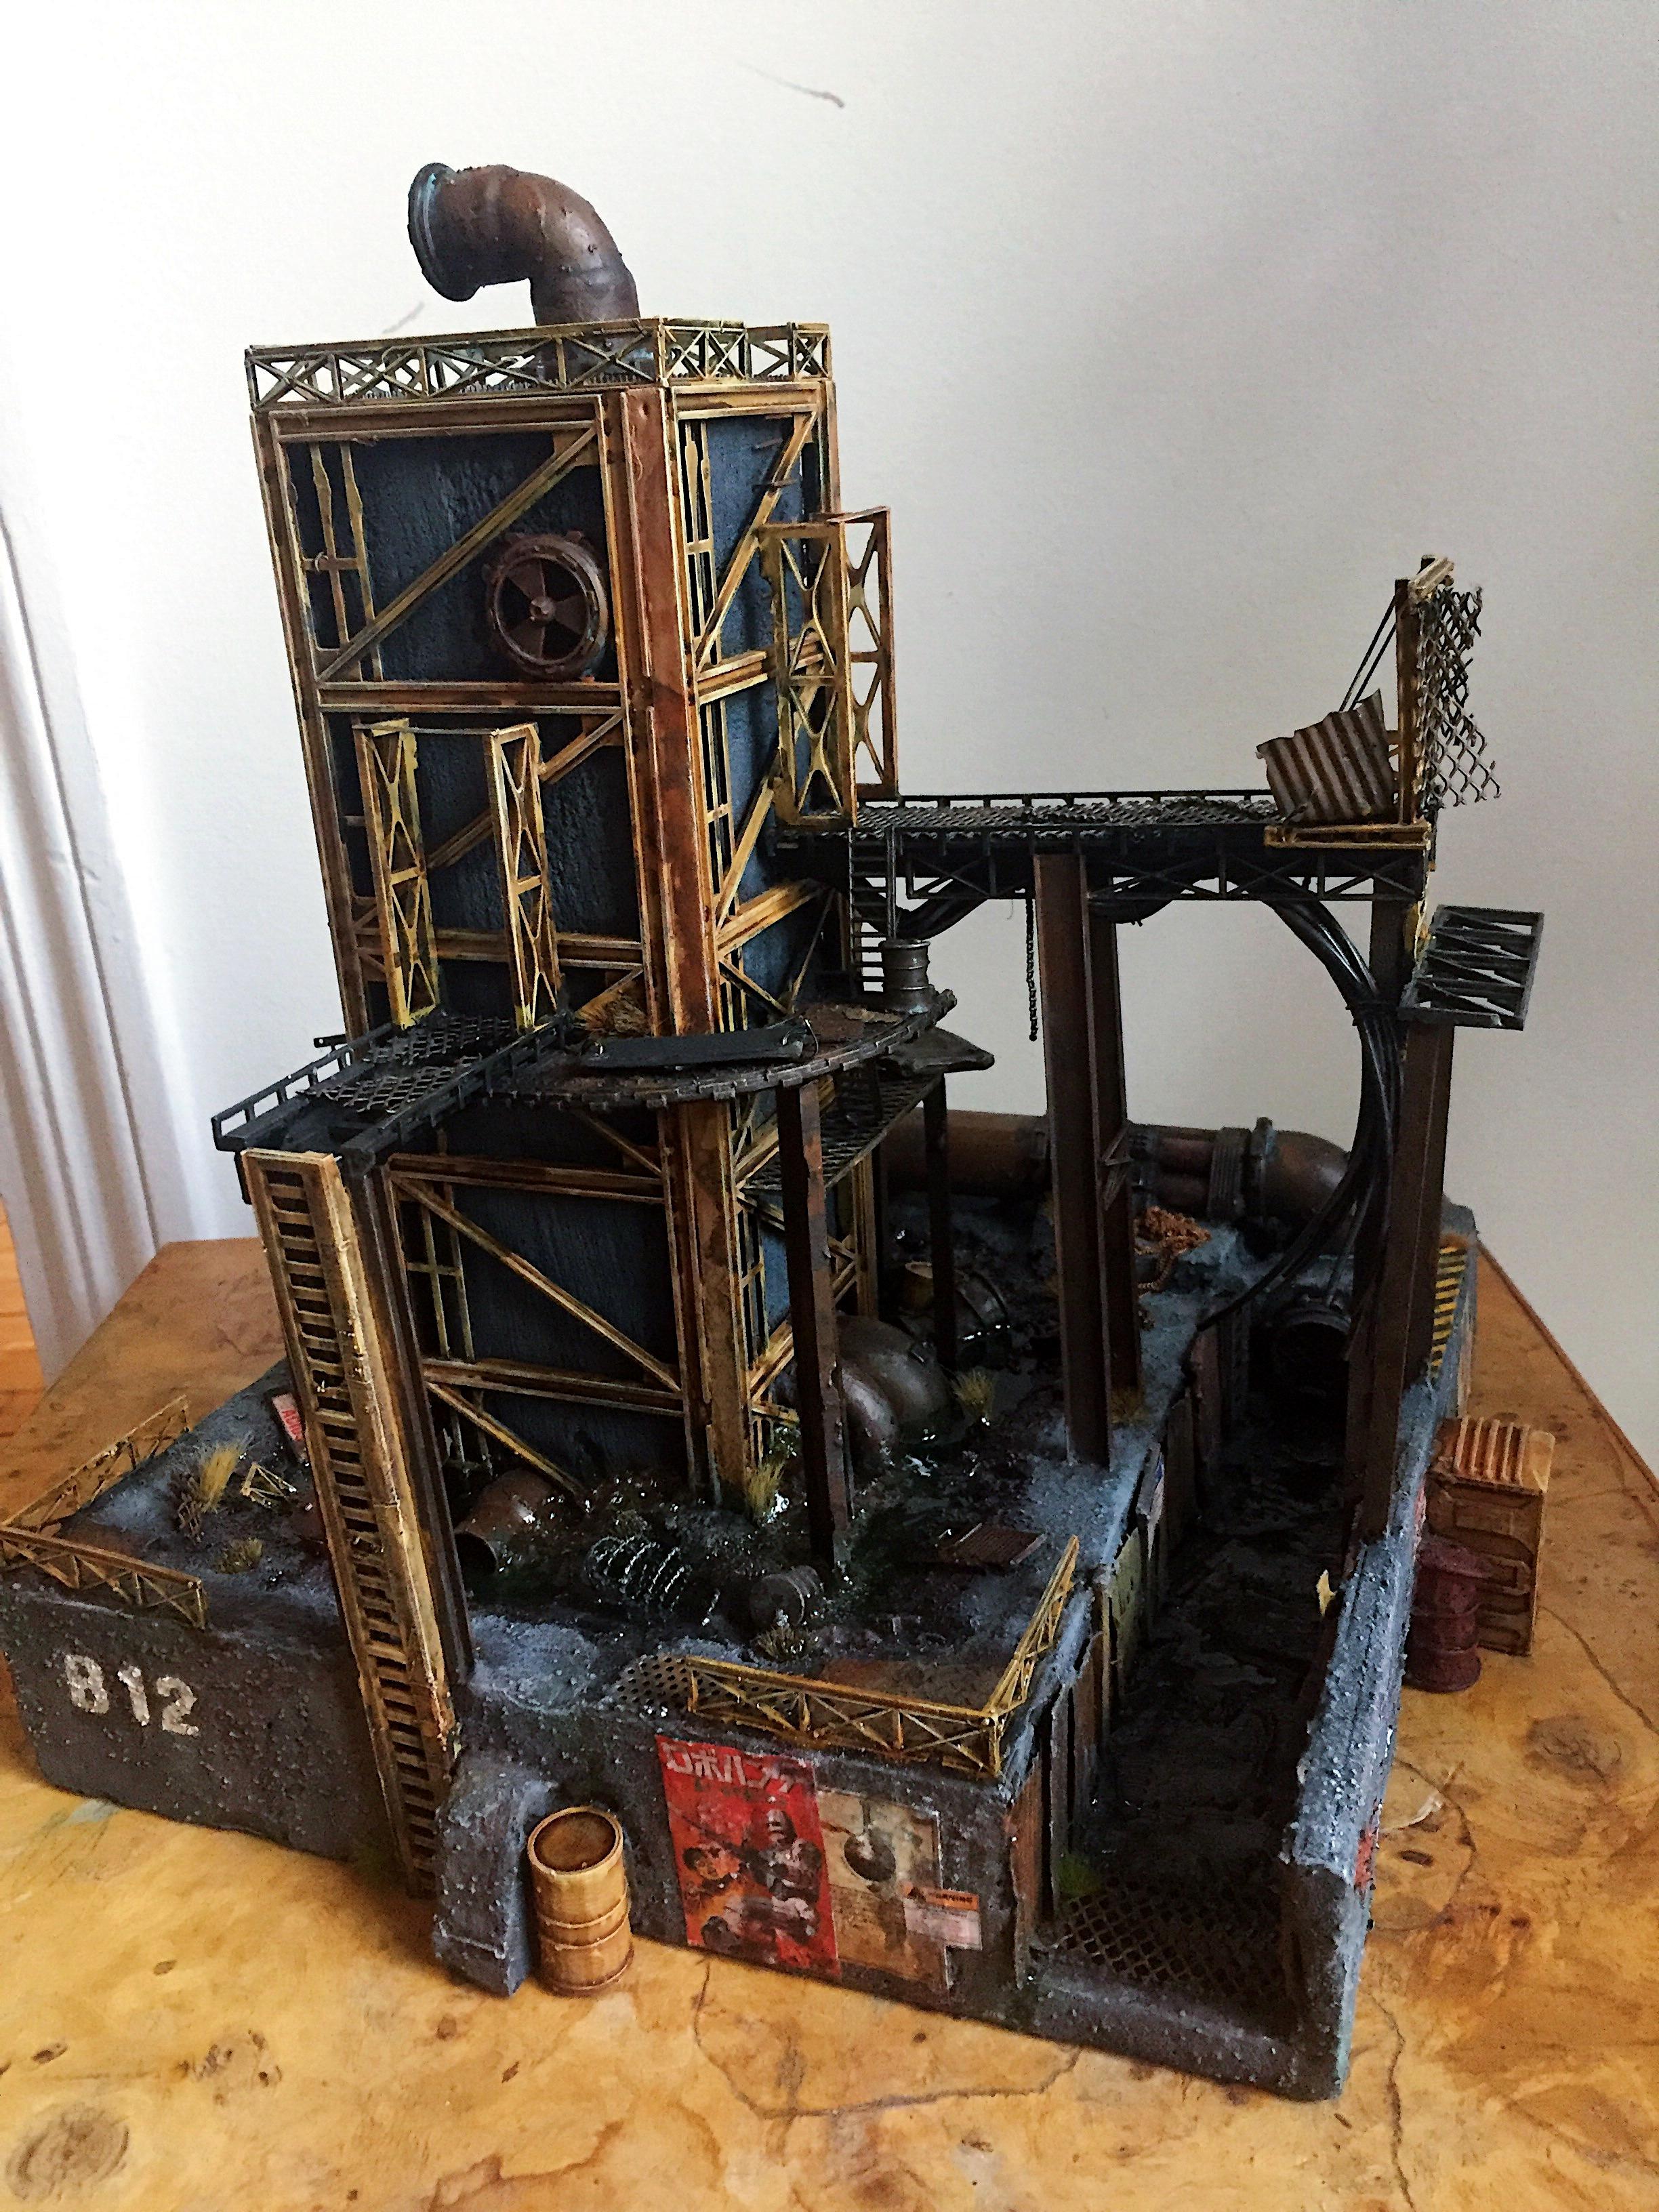 Inq28, Inquisimunda, Necromunda, Necromunda Scenery, Necromunda Terrain, Necromunda Tower, Terrain, Warhammer 40,000